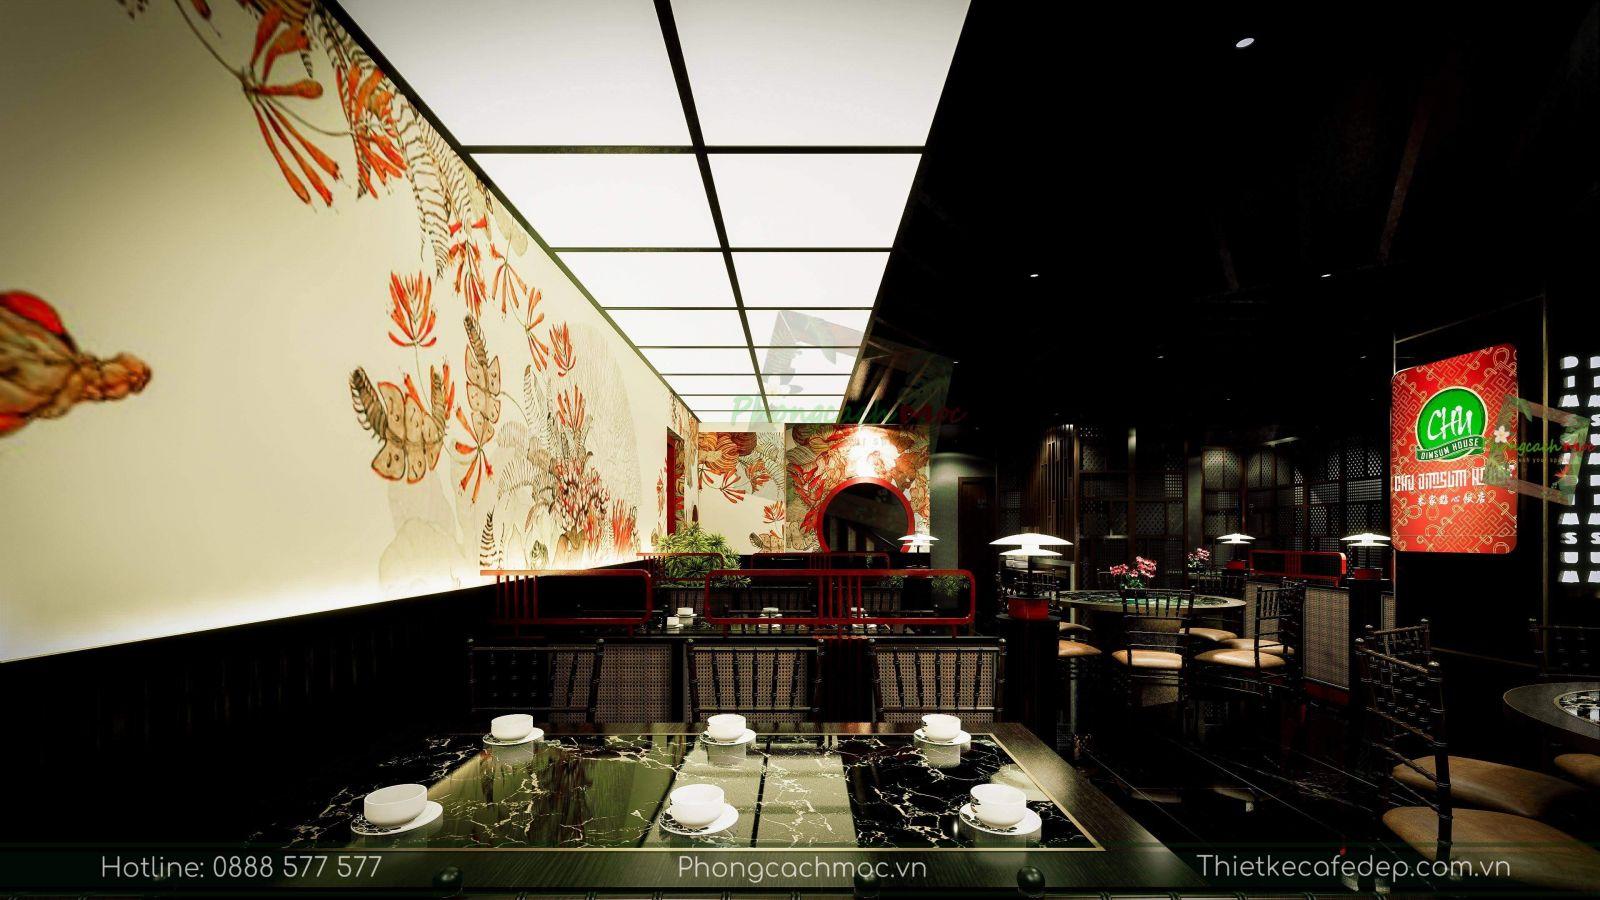 thiết kế nhà hàng trung hoa - không gian tầng trệt - nét văn hóa độc đáo